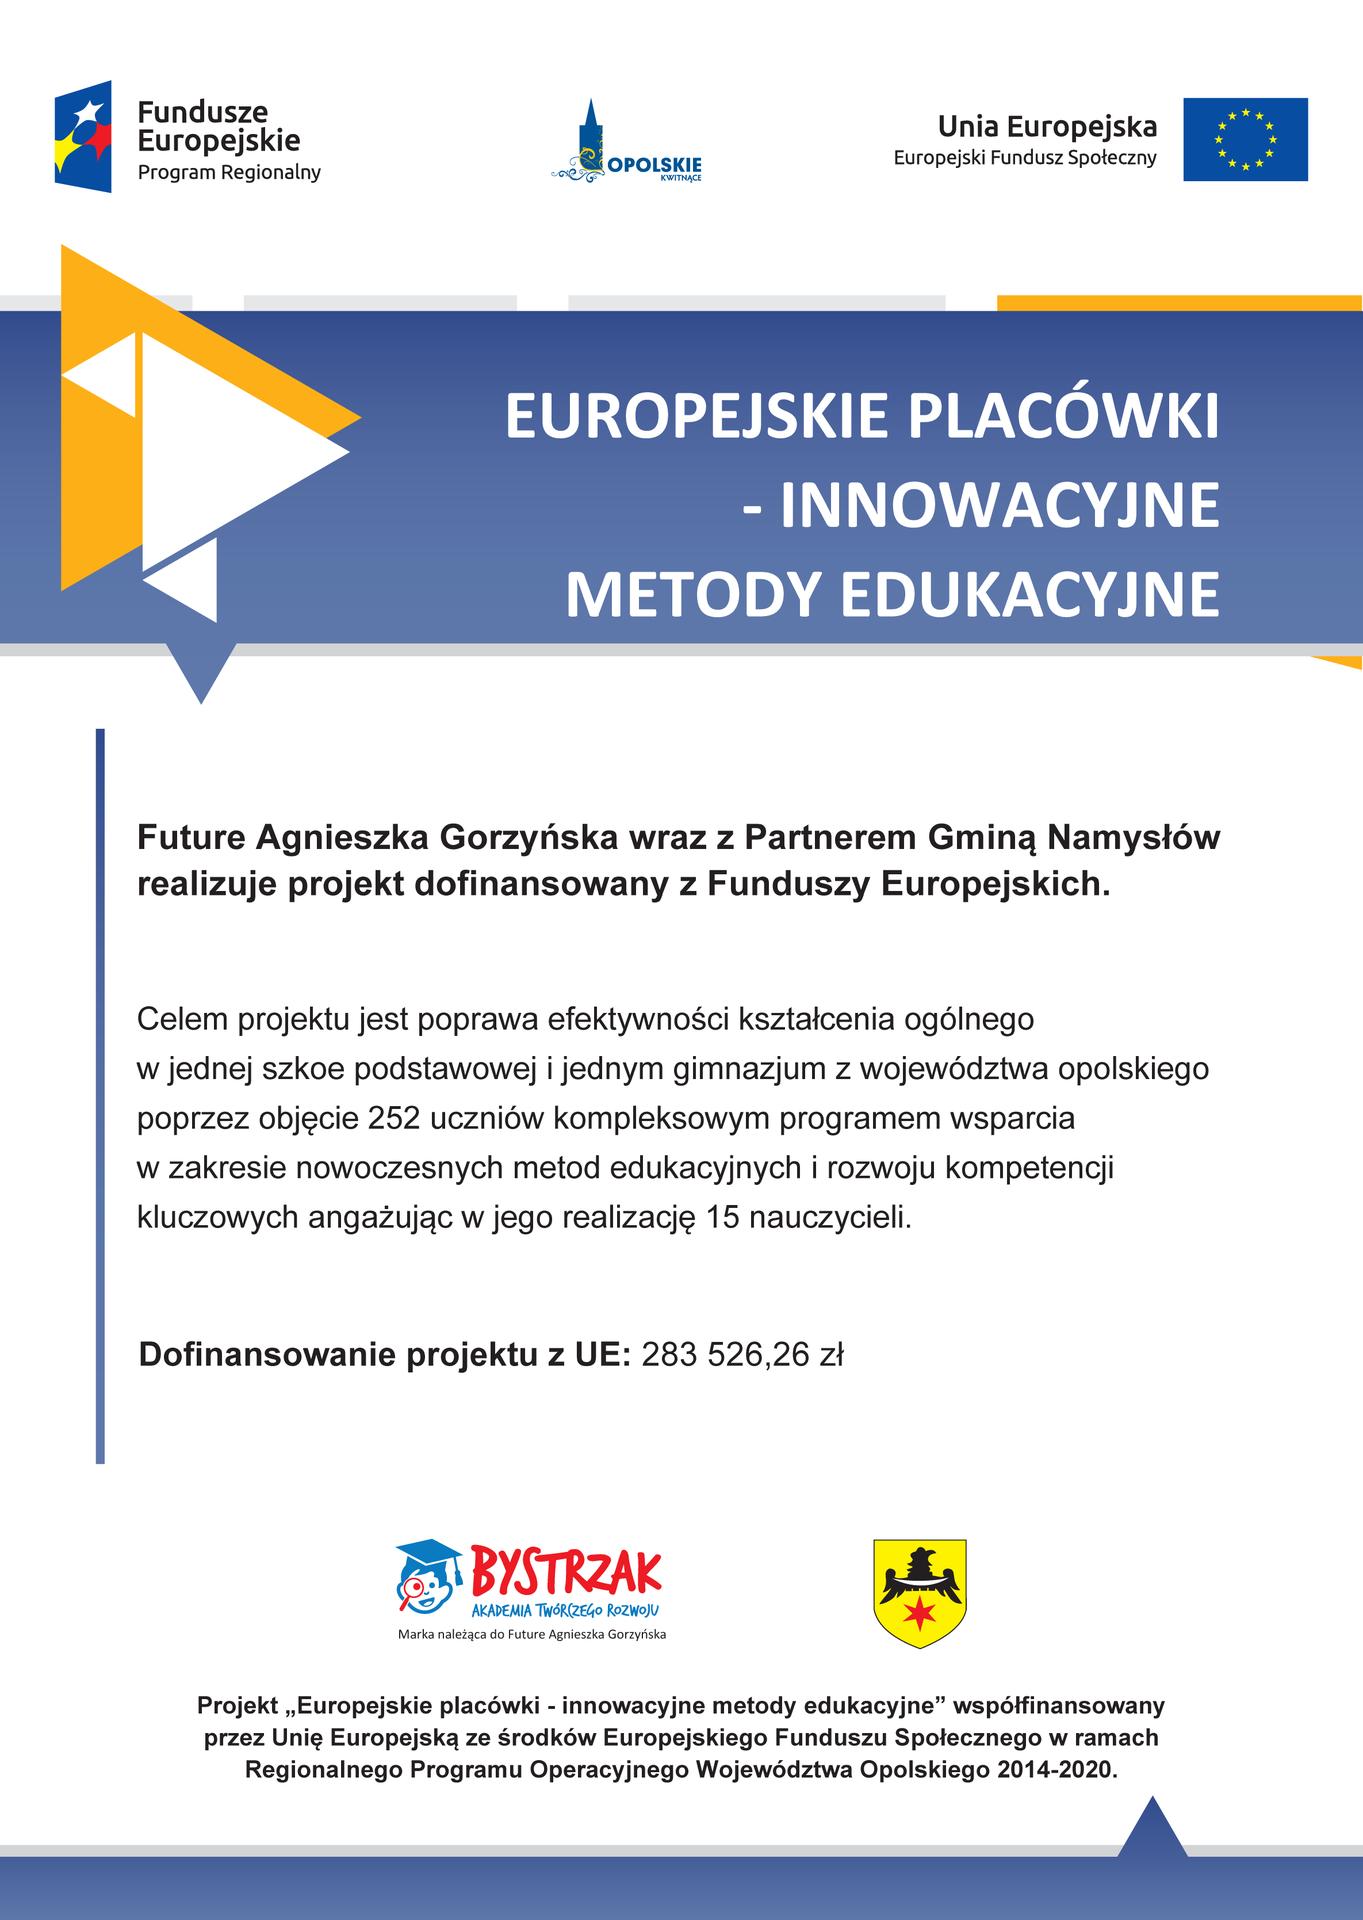 plakat_A3_NAMYSLOW_Unia_2_20szt-1.jpeg